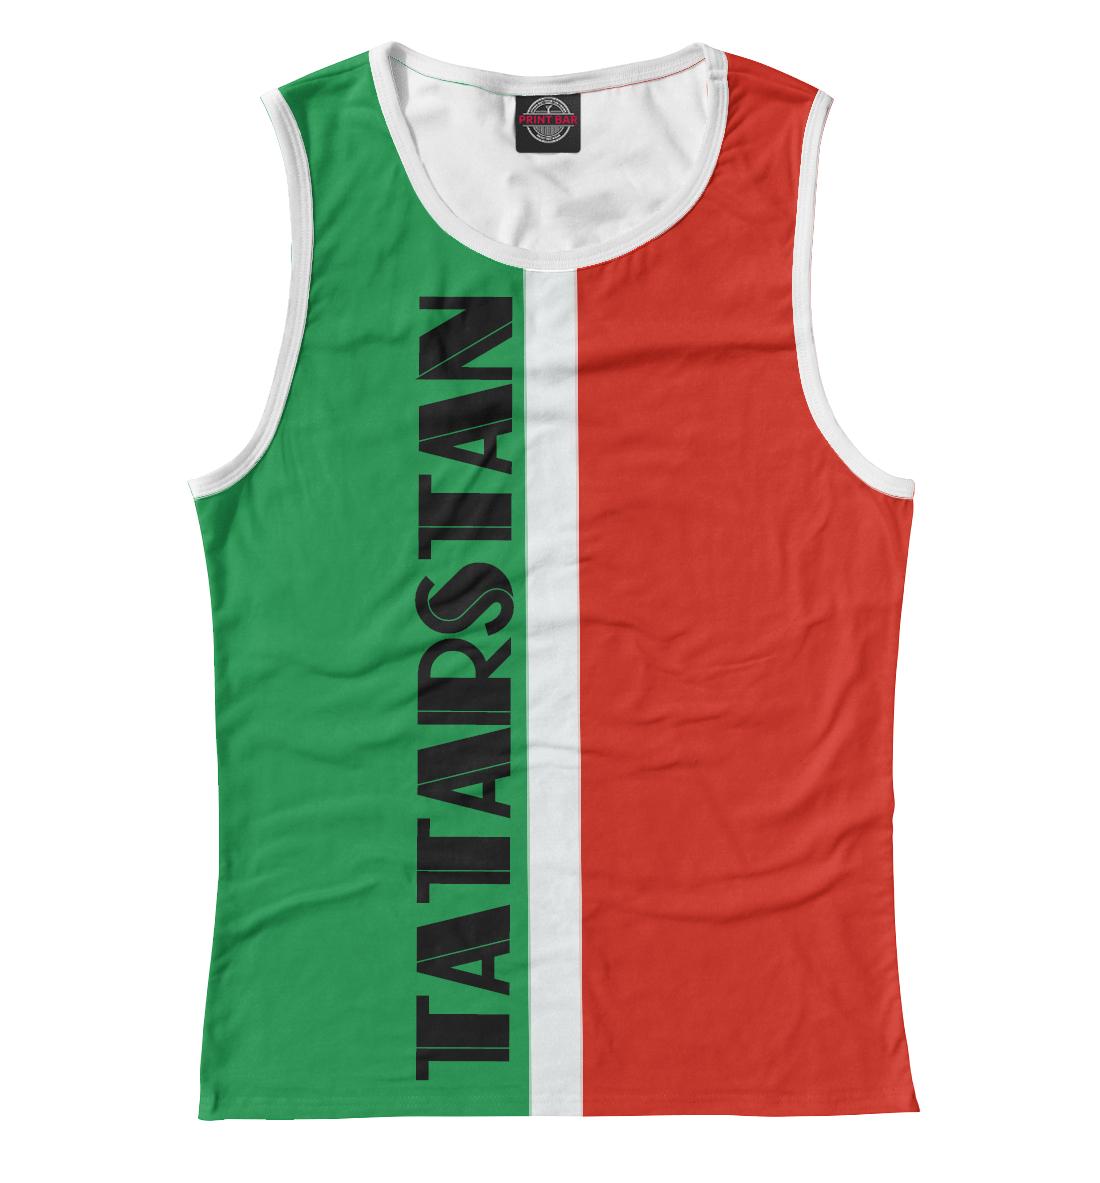 Купить Флаг Татарстана, Printbar, Майки, KZN-124459-may-1